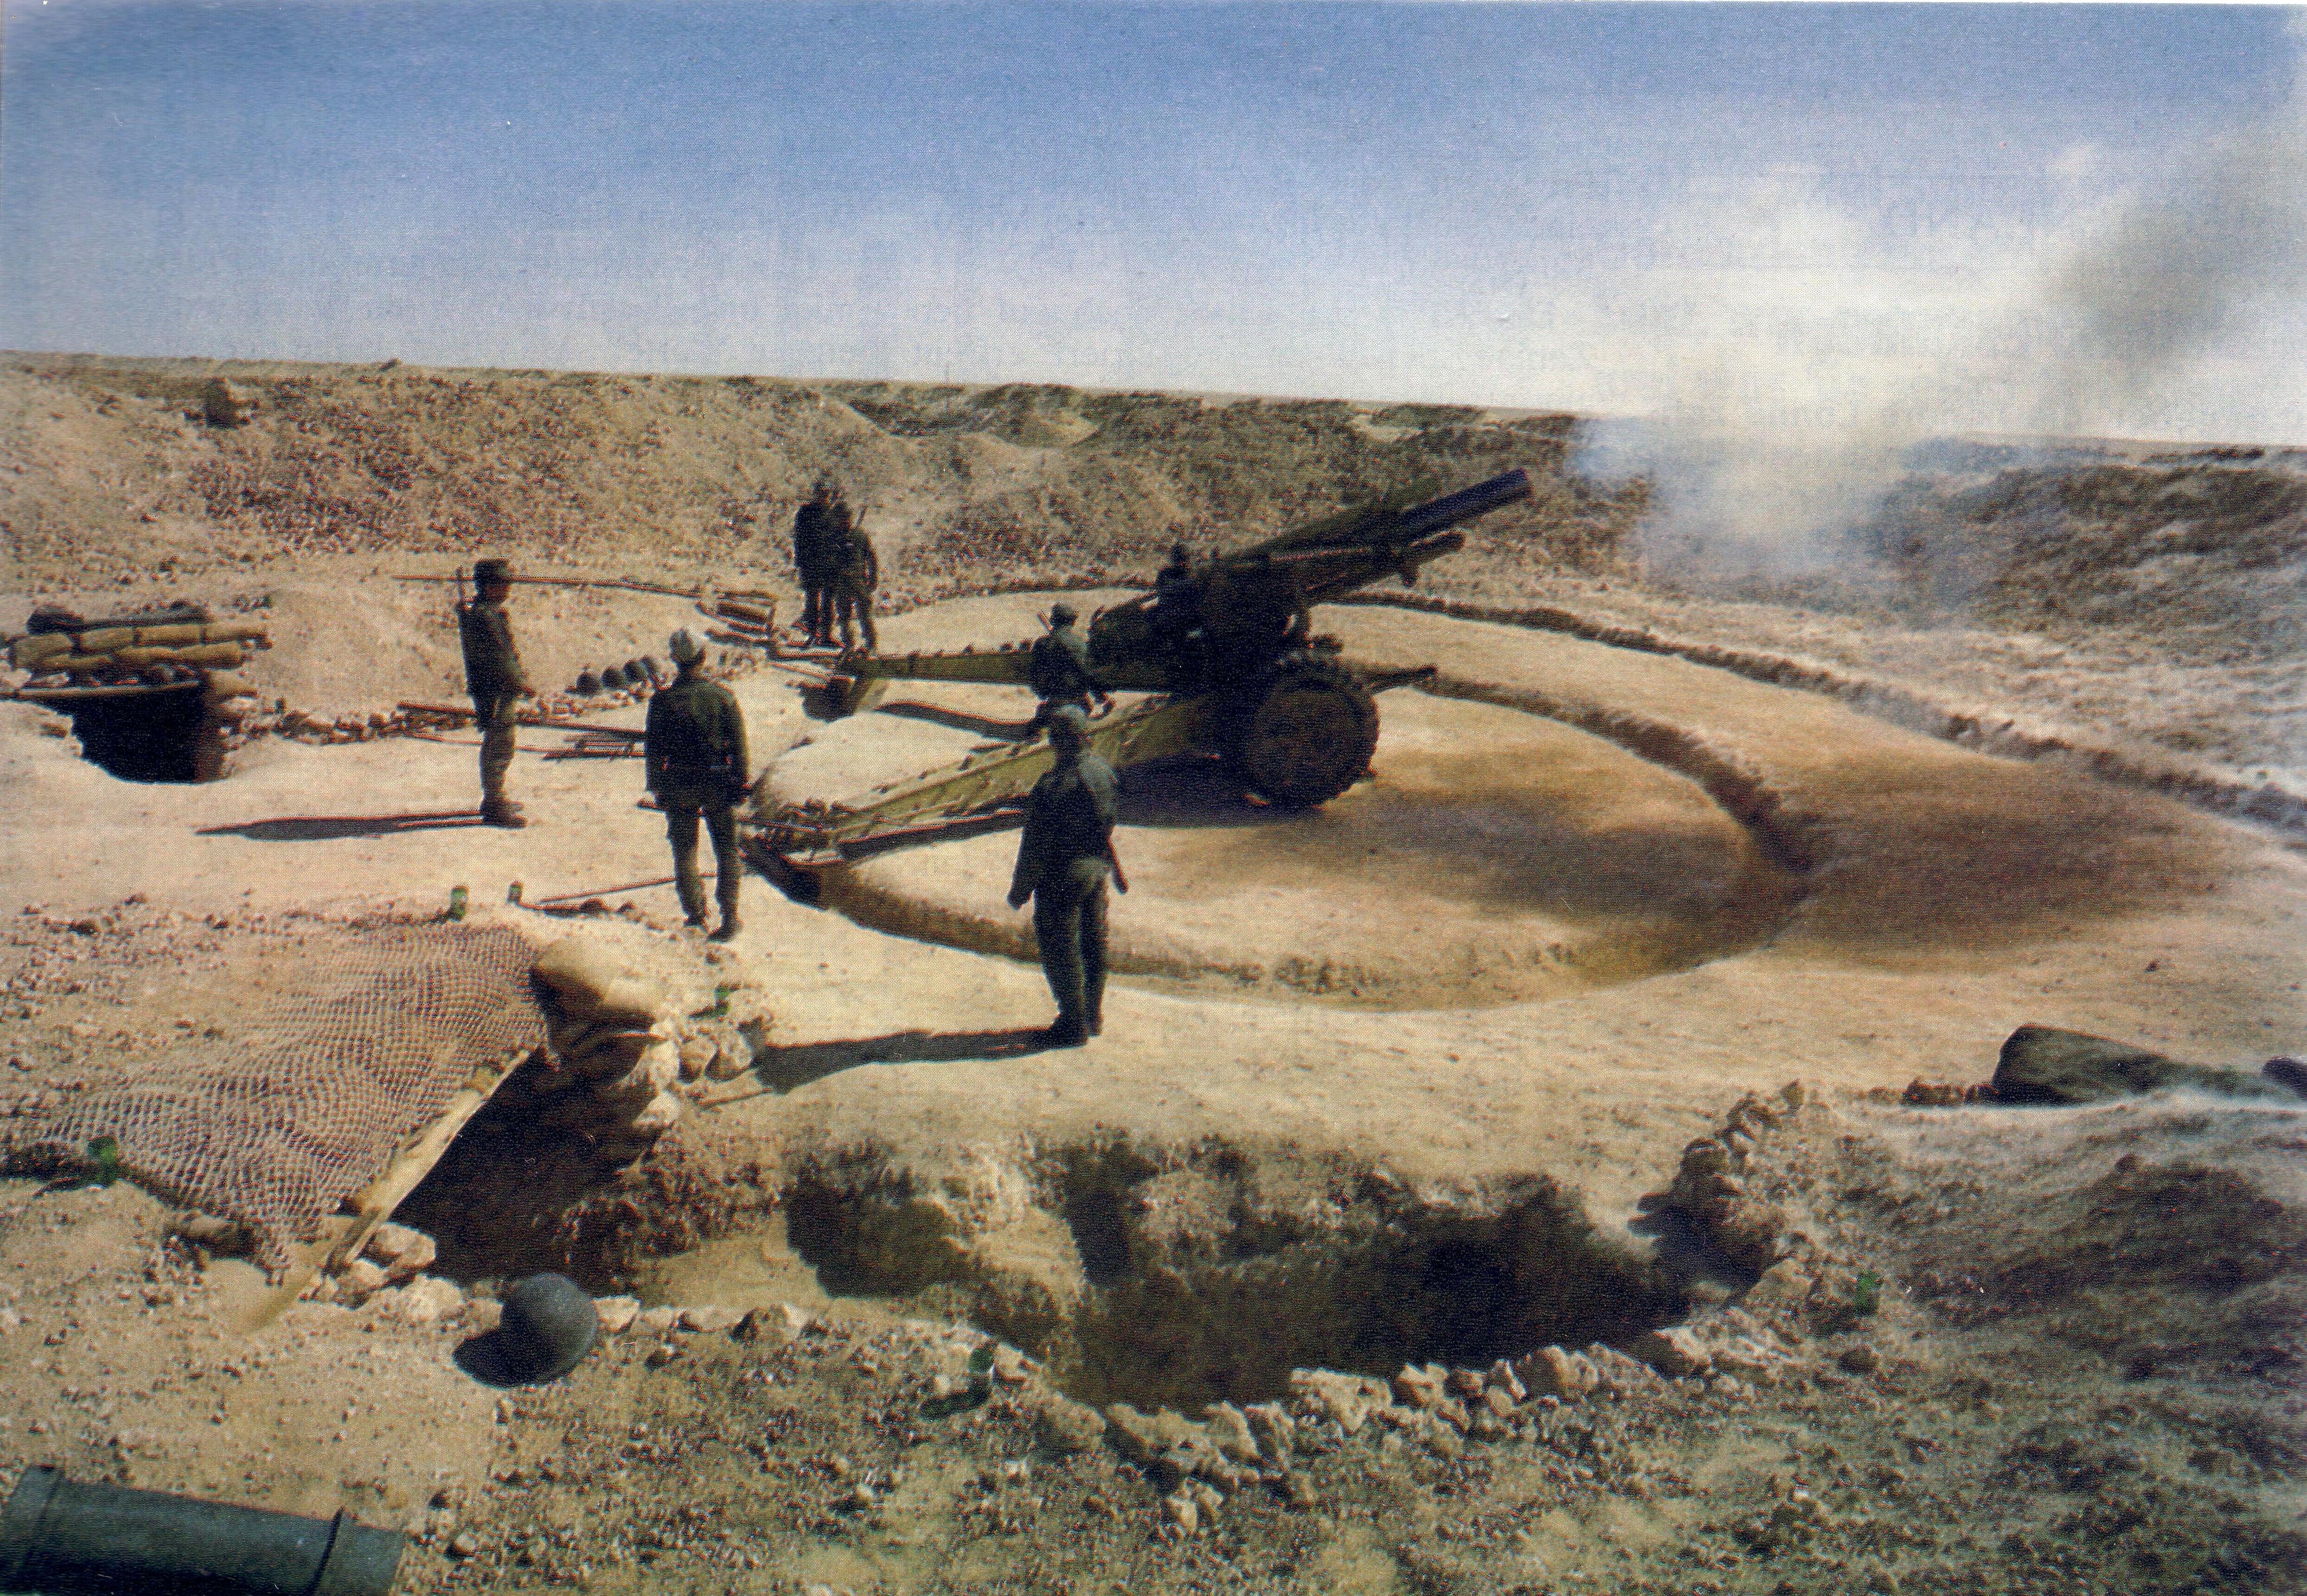 Le conflit armé du sahara marocain - Page 10 40849718855_c6349c4314_o